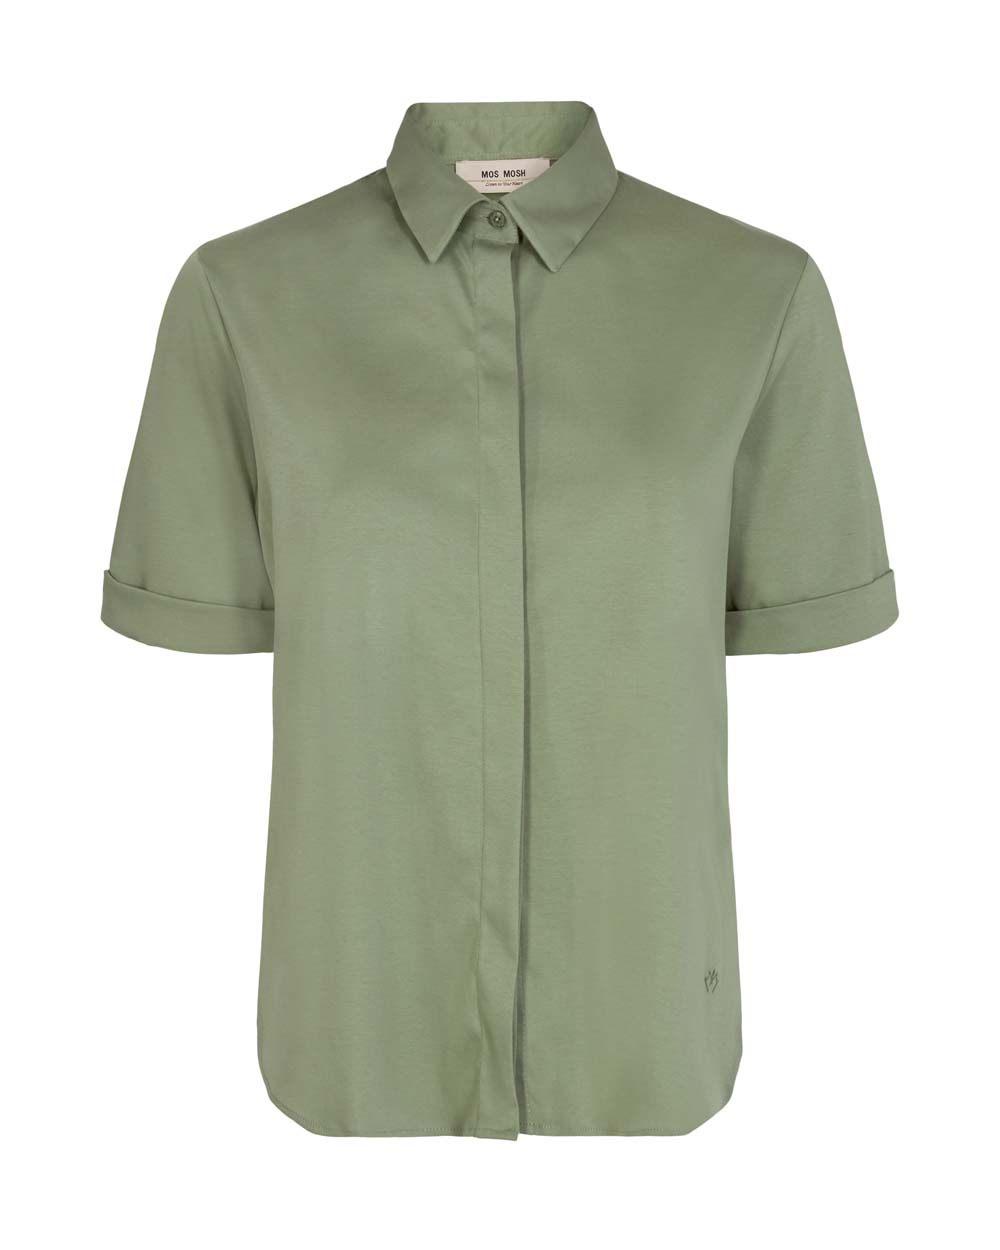 Mos Mosh Marta jersey shirt short sleeve oil green